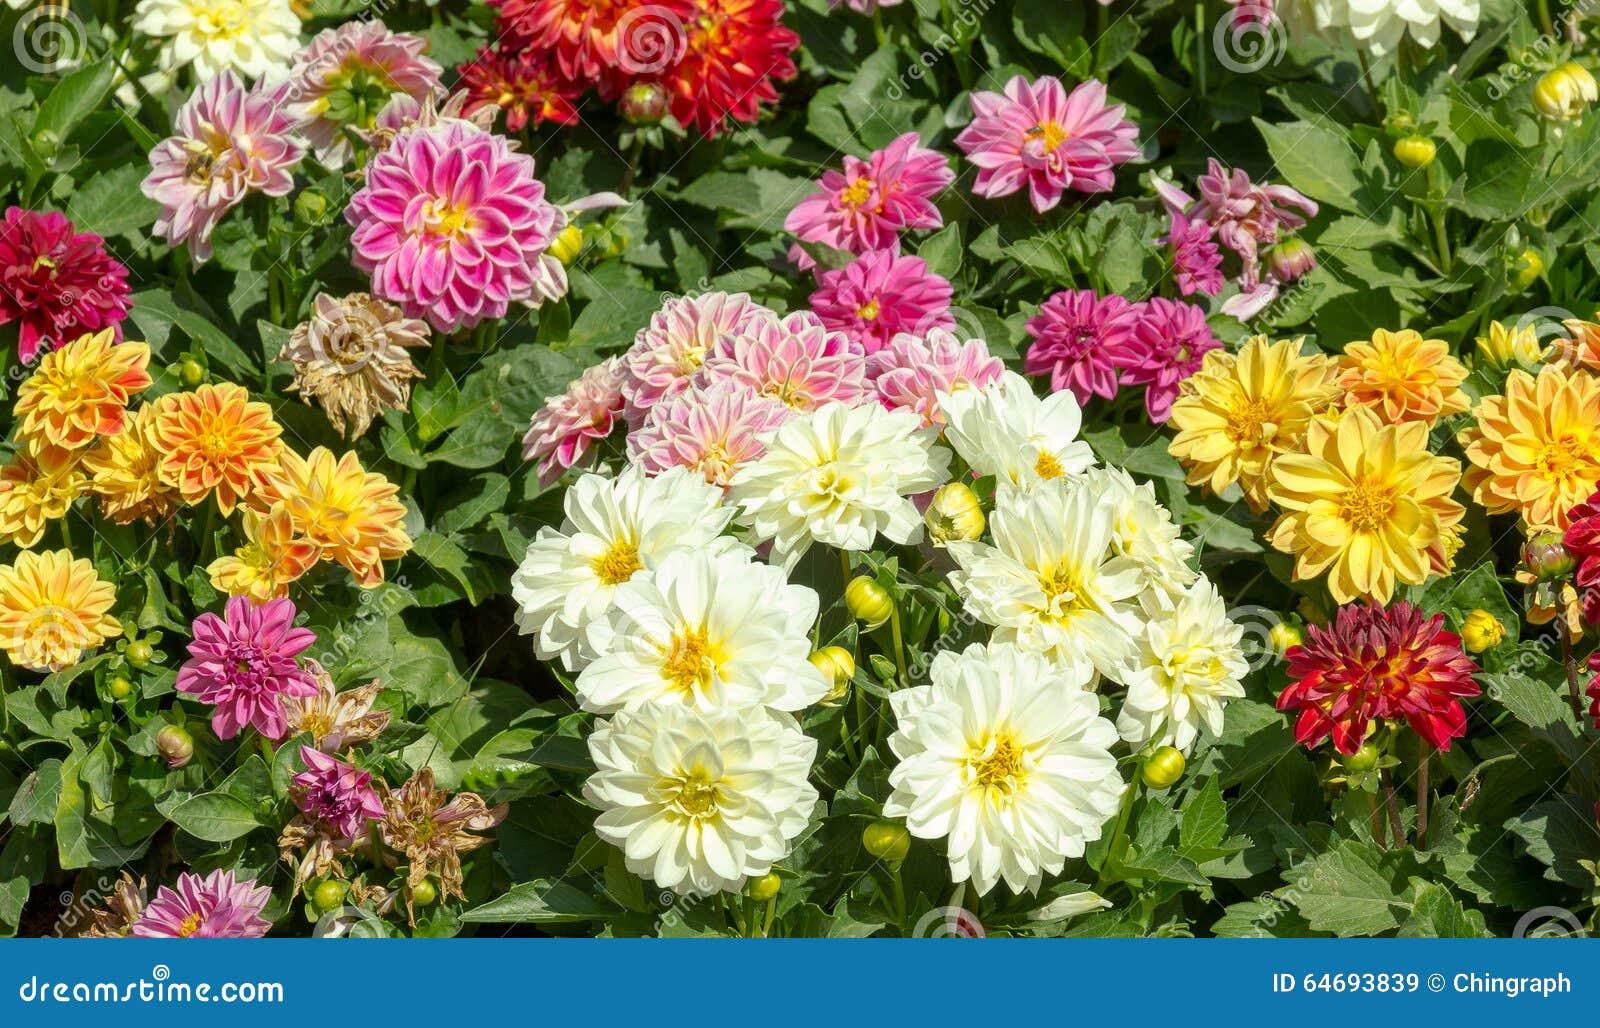 Jardín De La Dalia En Diversos Colores Imagen de archivo - Imagen de ...